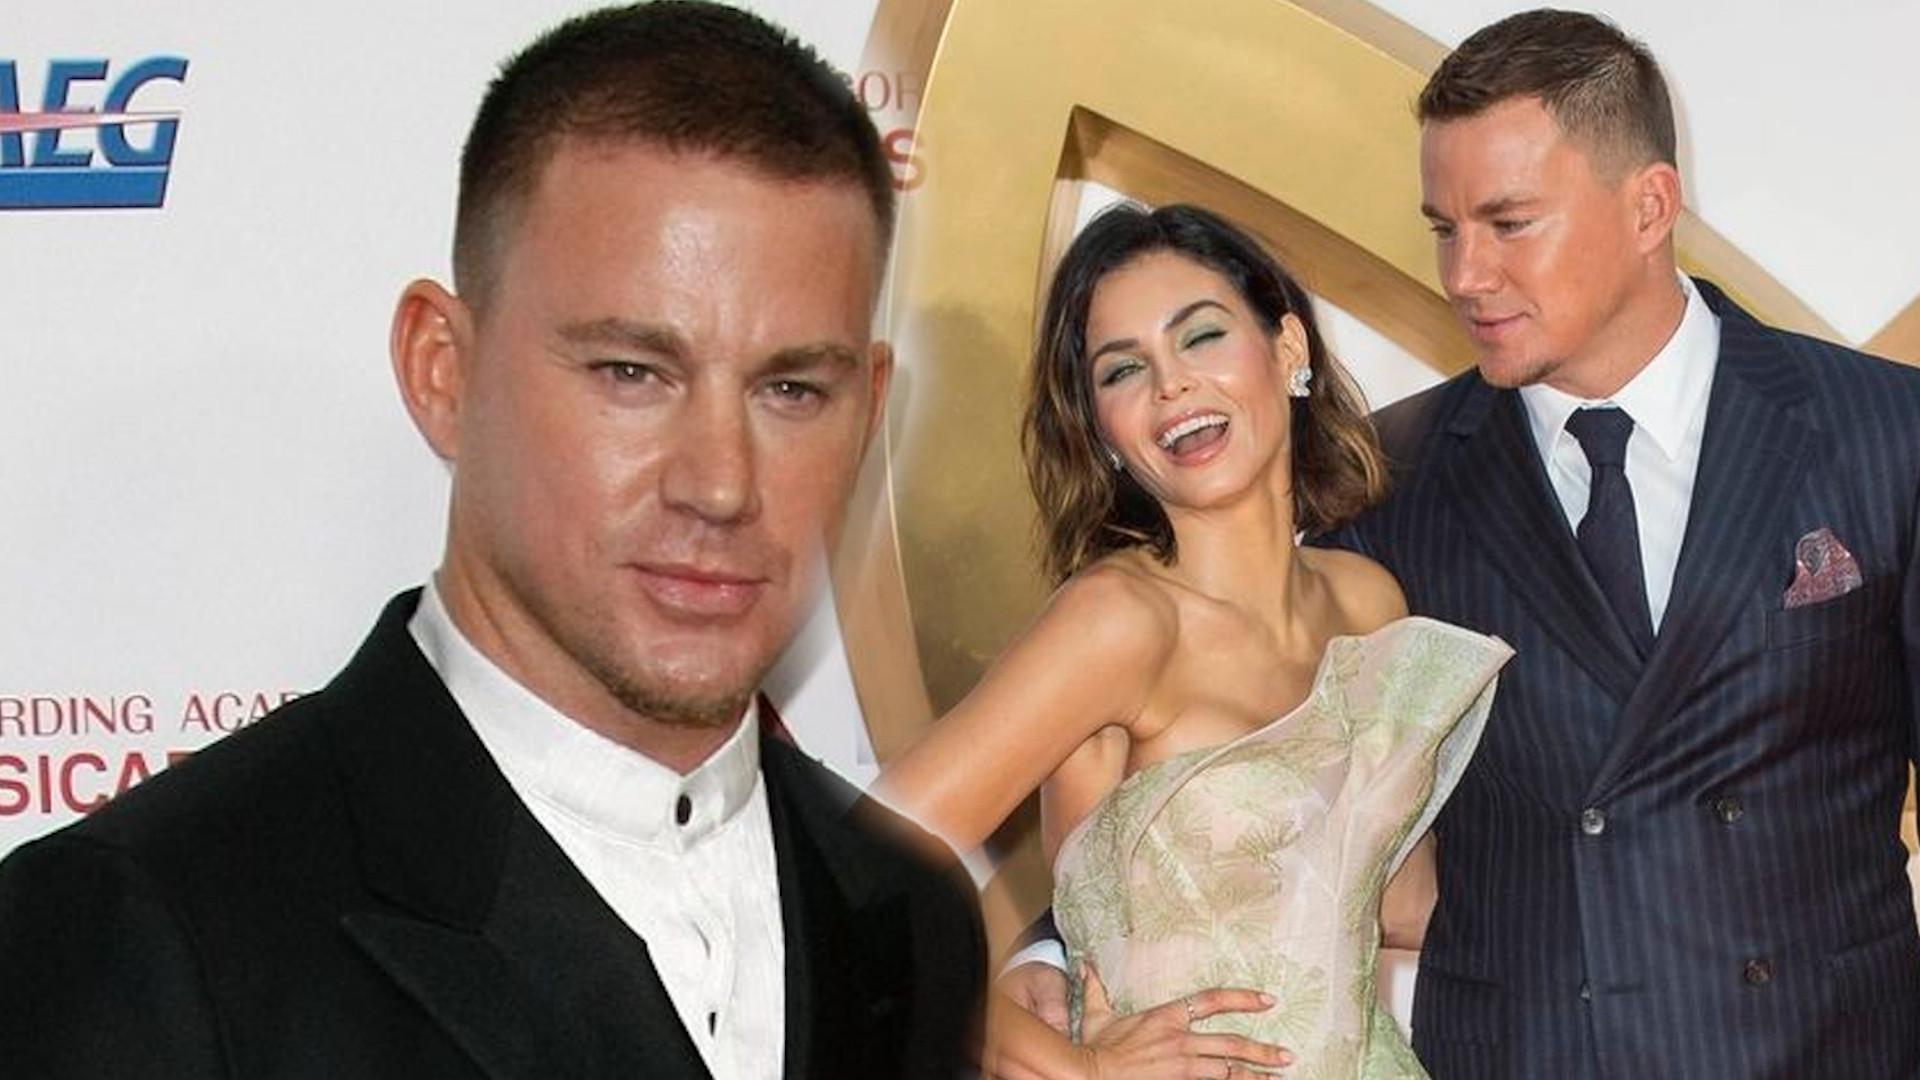 Channing Tatum walczy w sądzie z byłą żoną. Jenna Dewan chce alimenty również na siebie